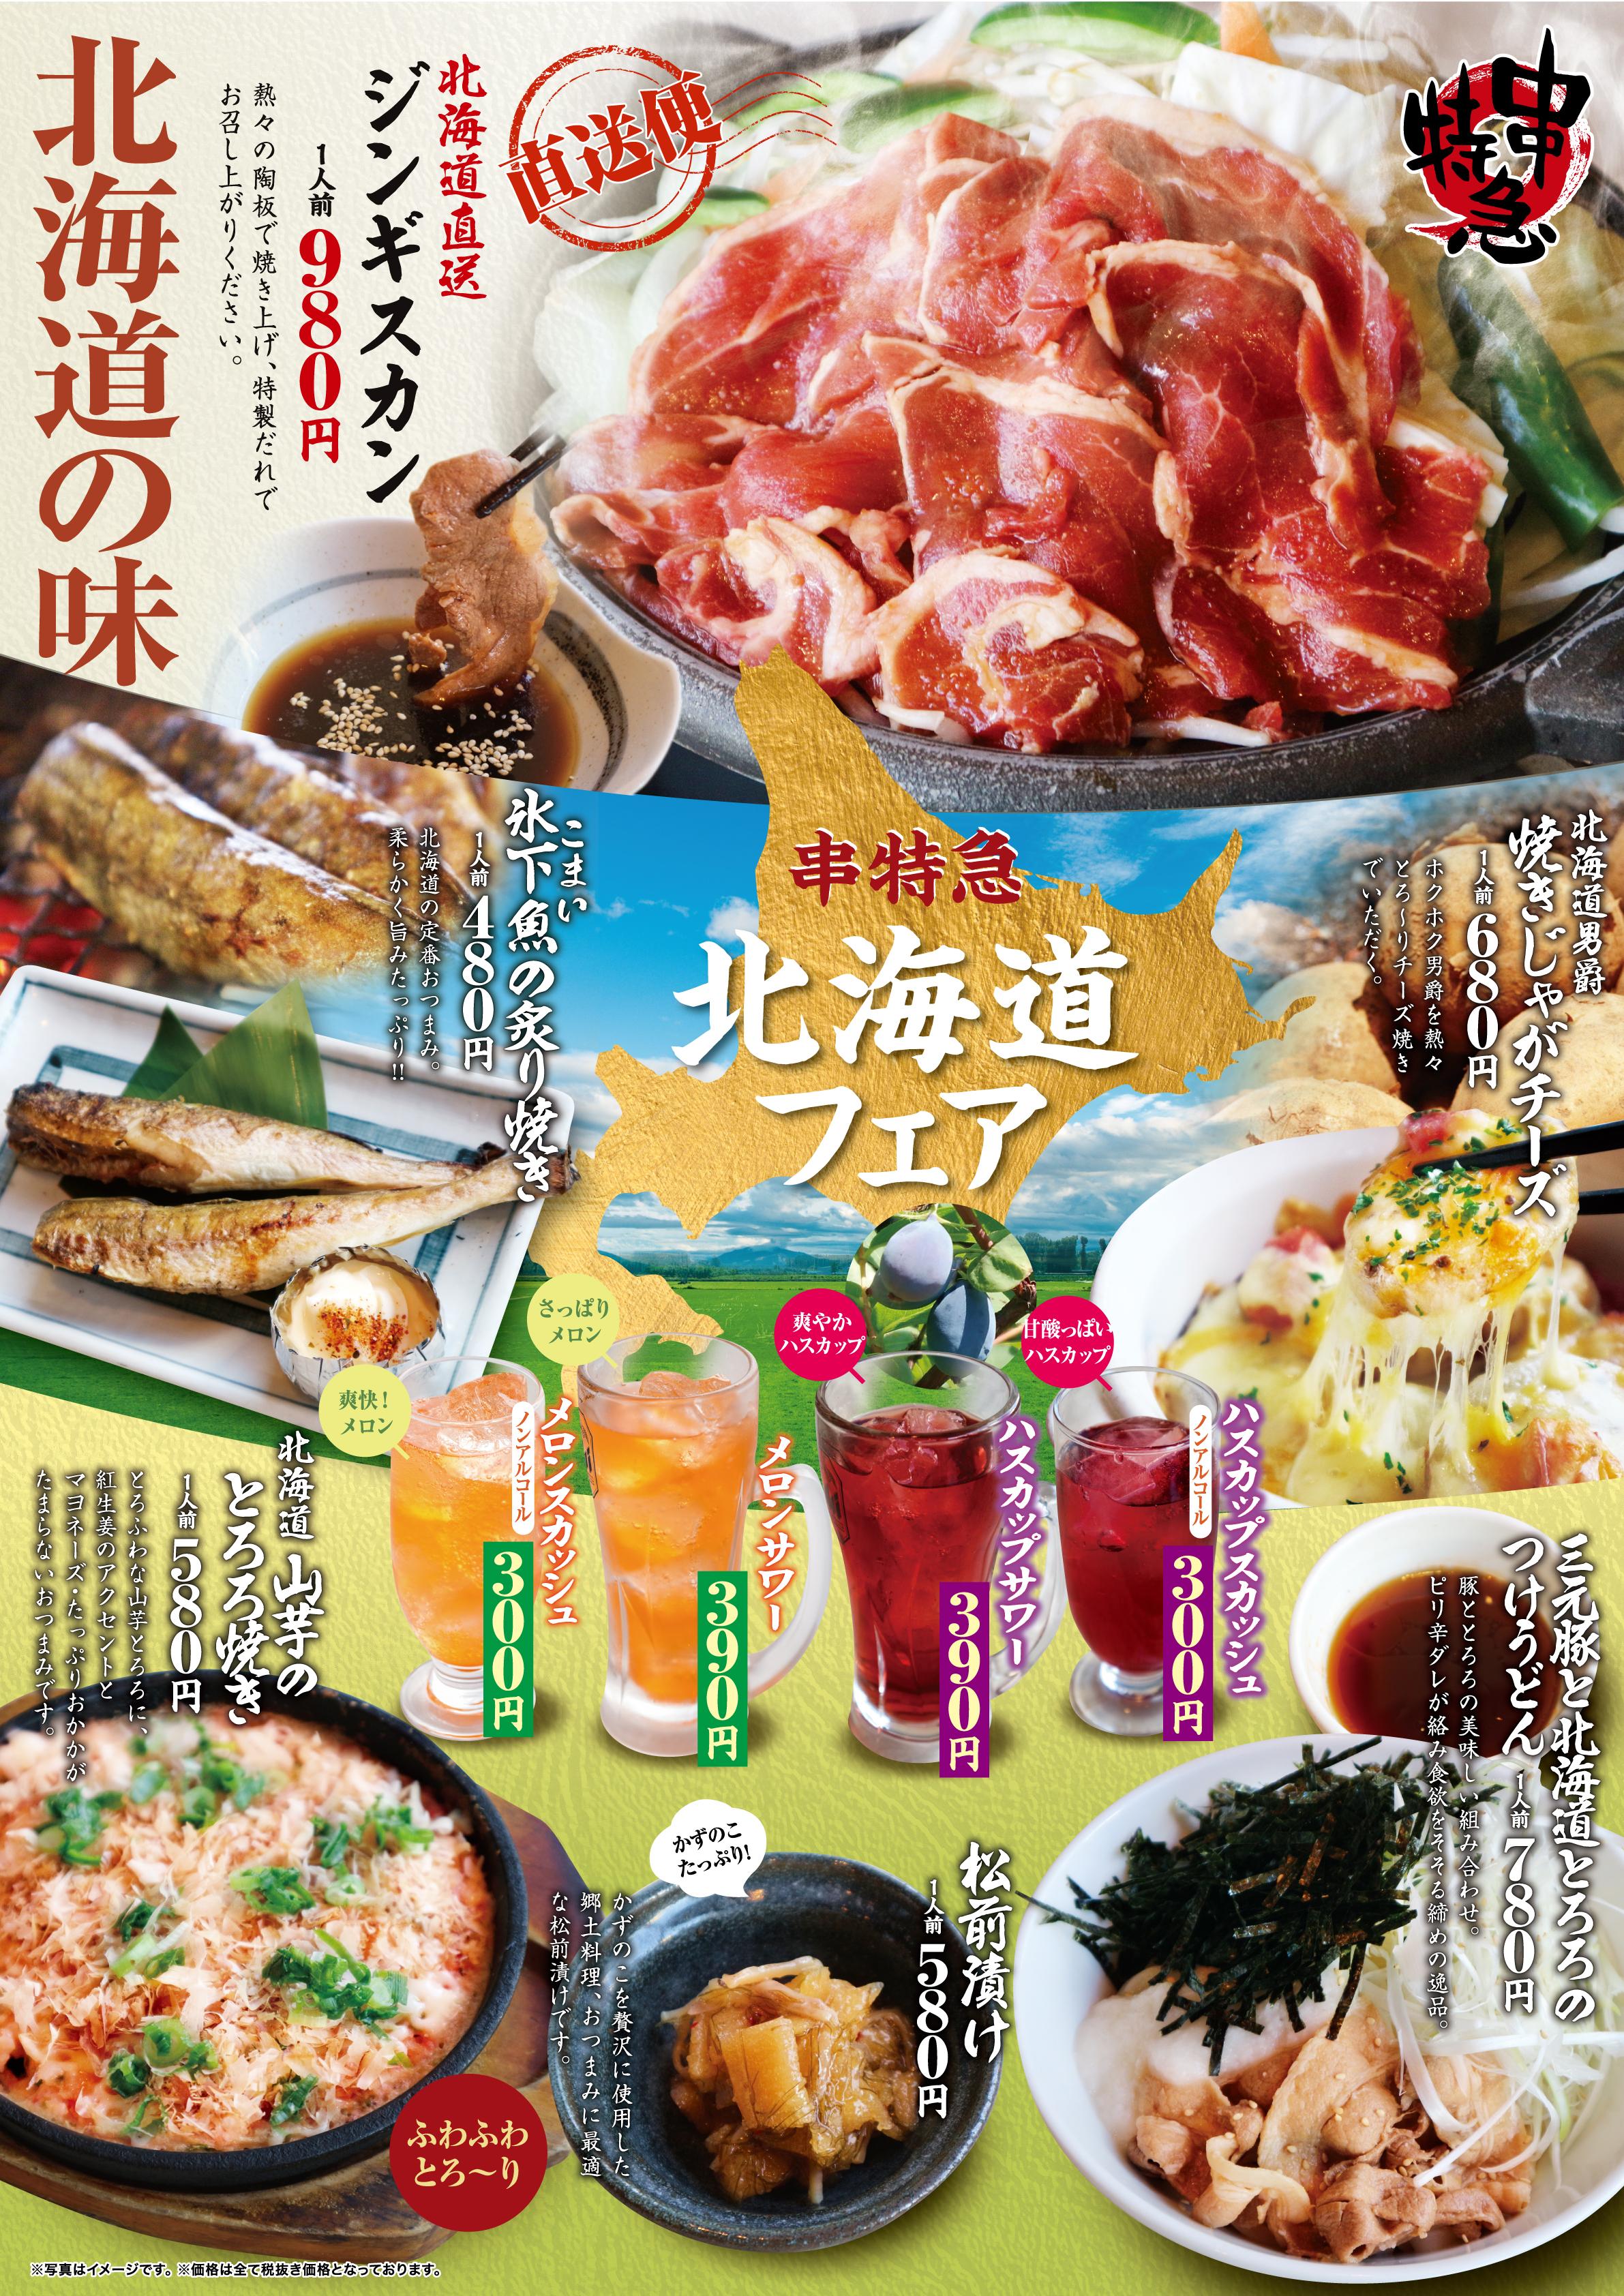 3月4日より期間限定「北海道フェア」がスタート!!